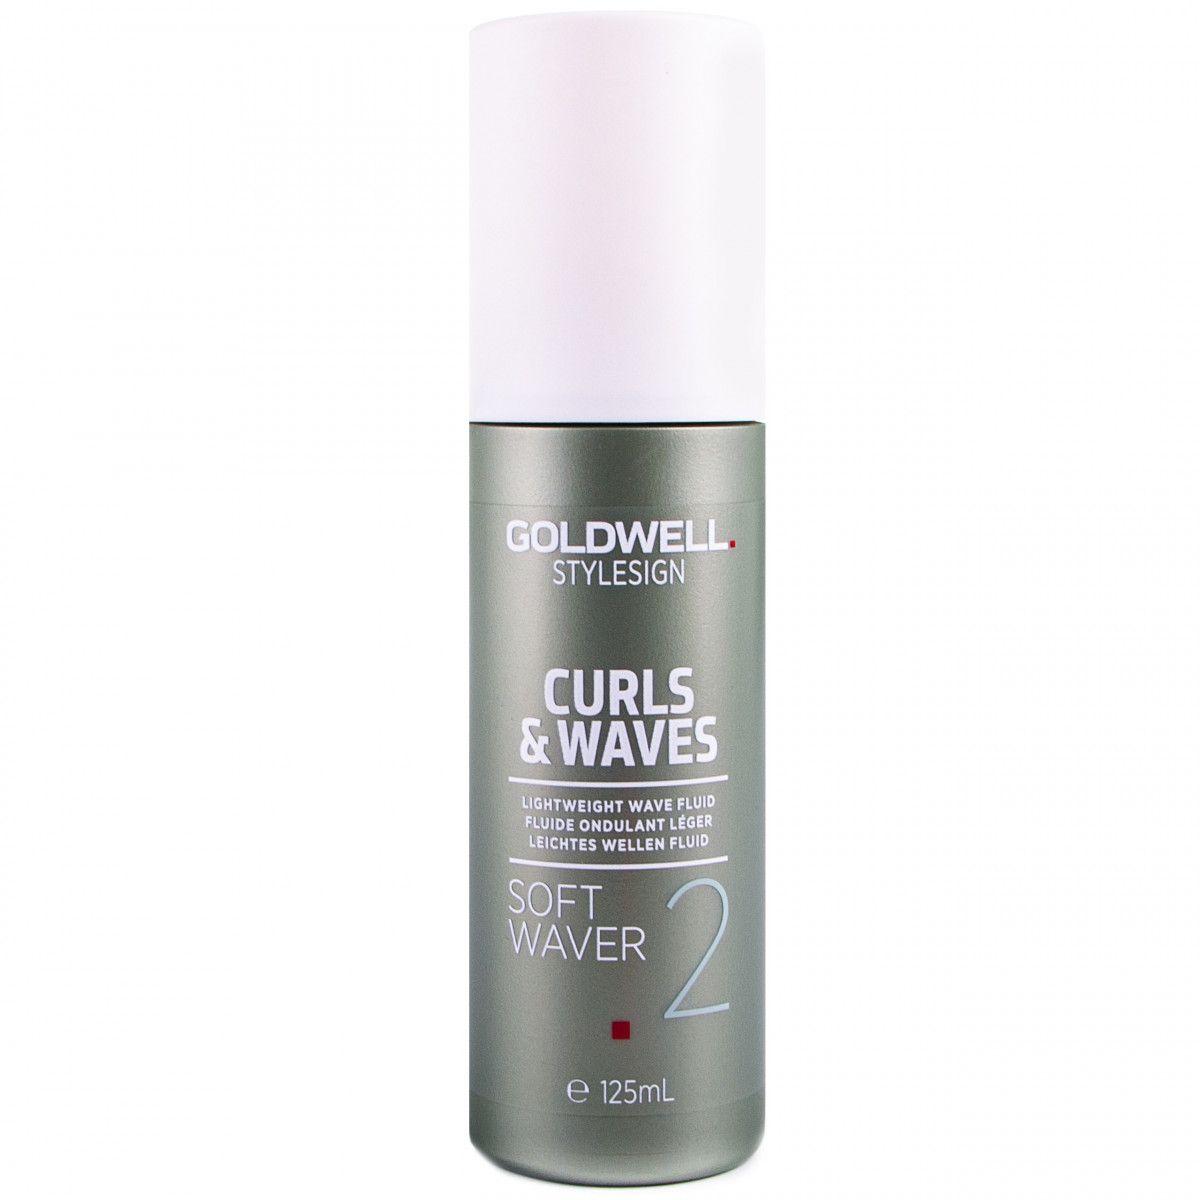 Goldwell Style Curly Waves Soft Waver krem podkreślający loki 125ml